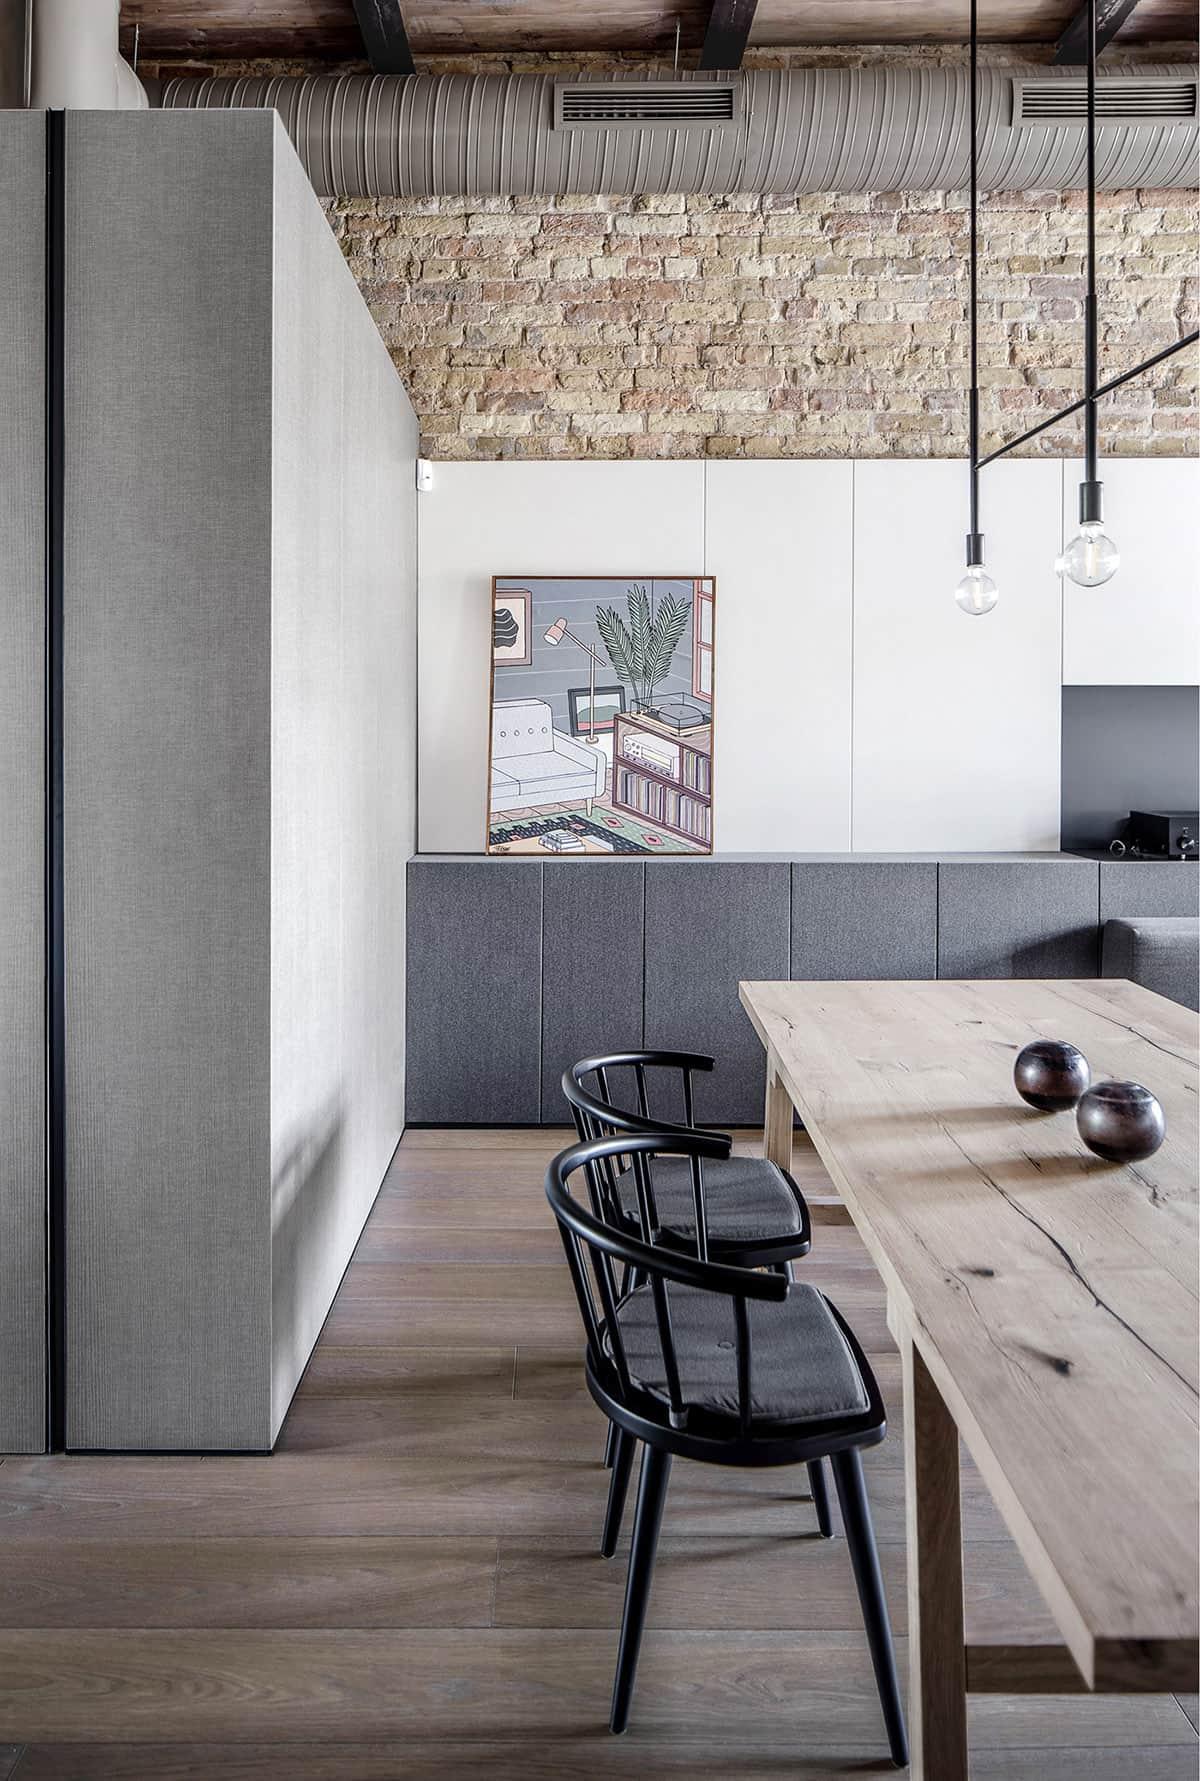 Обычный кухонный стол, сбитый из досок, в окружении красивых черных стульев прекрасно предает индустриальную стилистику оформления помещения